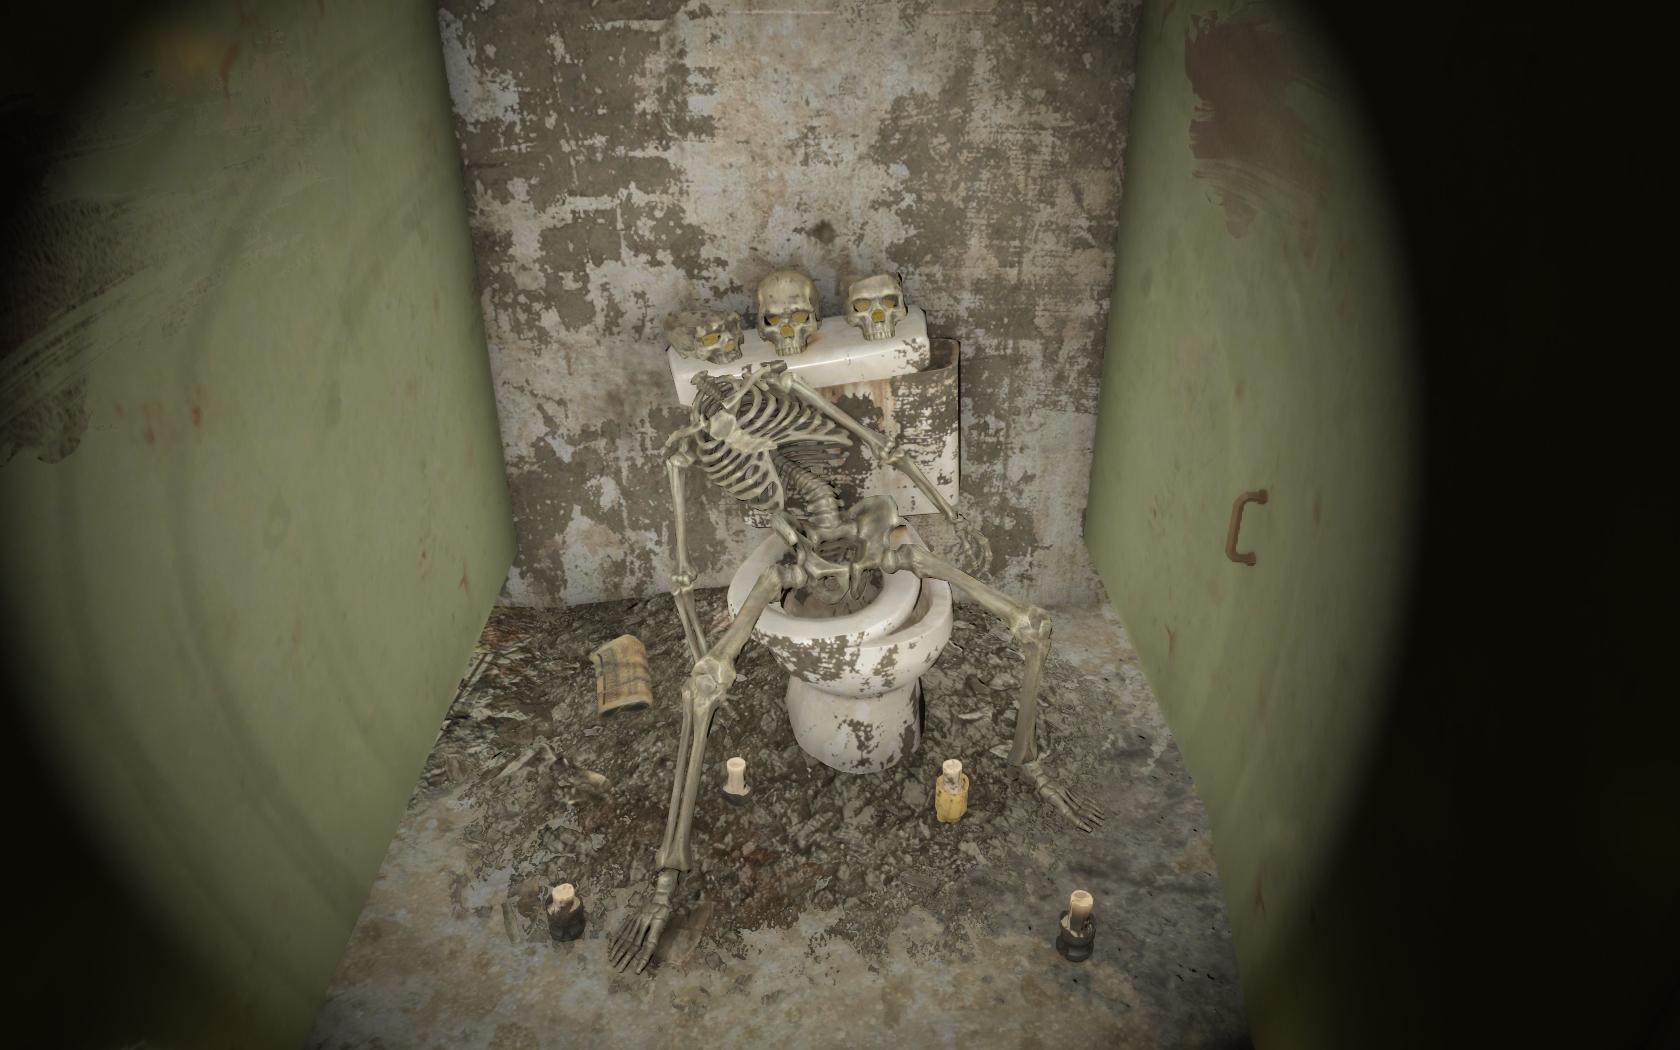 Ритуал? (Фар-Харбор, Ядро) - Fallout 4 скелет, Ядро